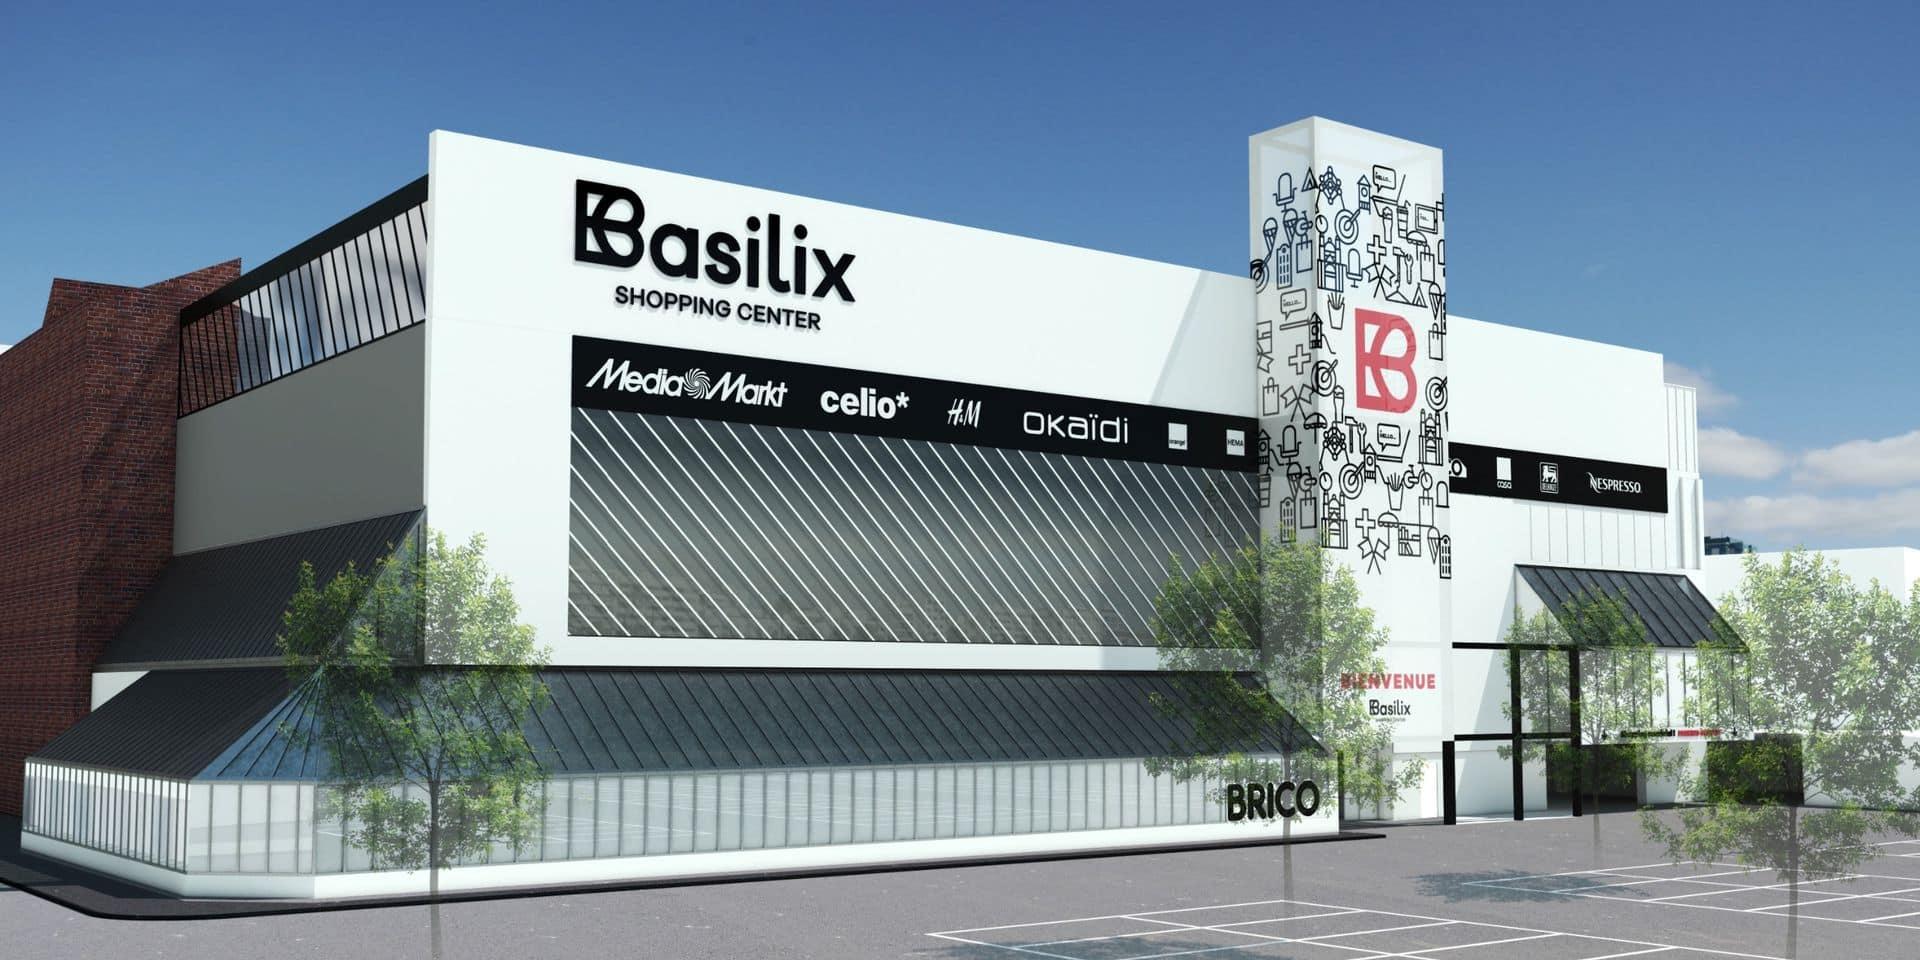 Berchem-Sainte-Agathe : Le centre commercial Basilix fait peau neuve